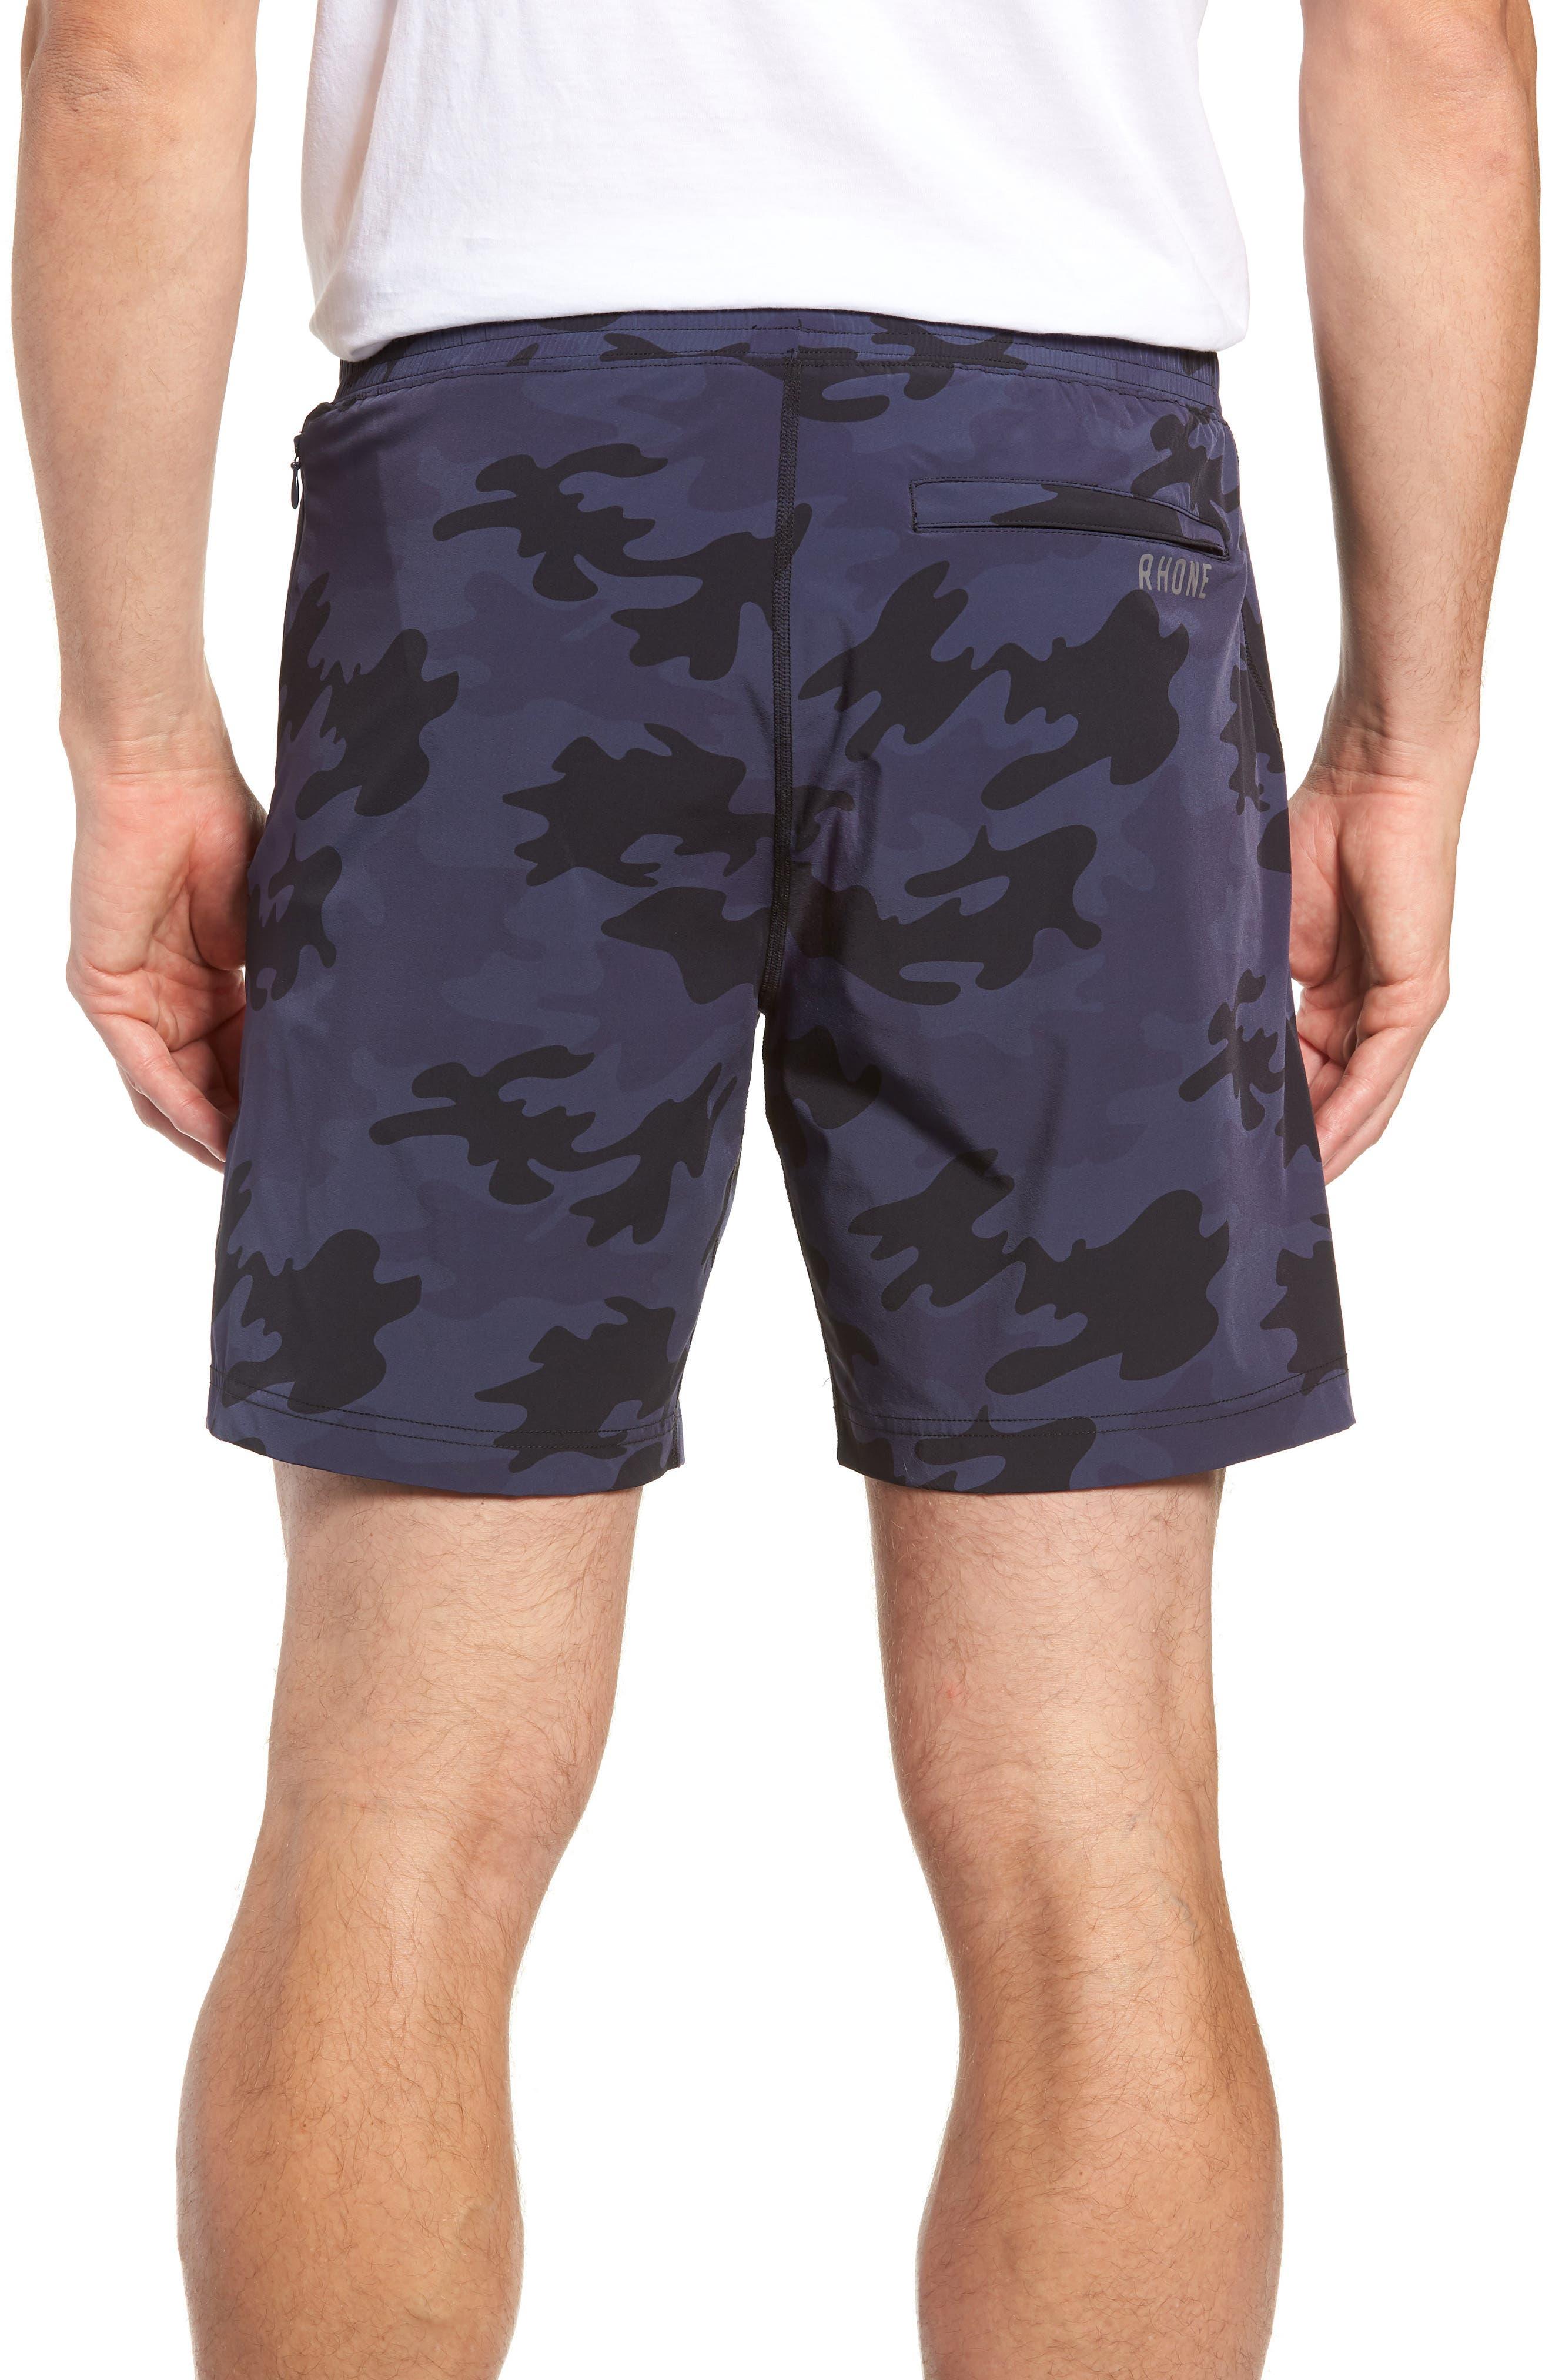 Mako Training Shorts,                             Alternate thumbnail 2, color,                             NAVY CAMO